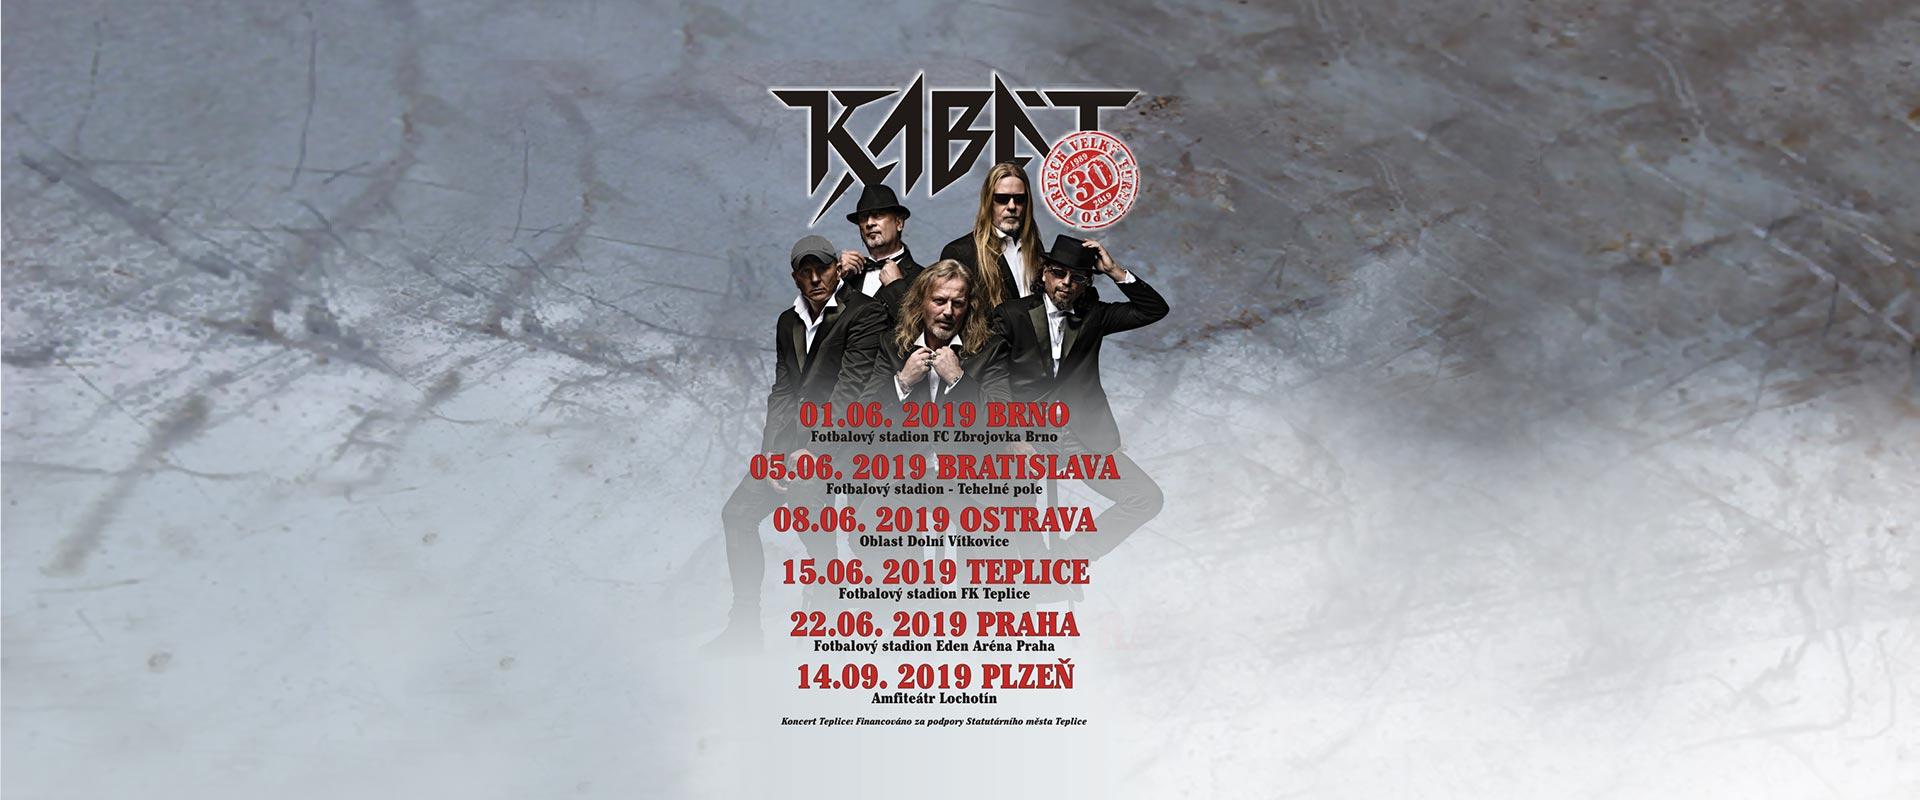 d7f57a4ce74d Kabát - Oficiální web české rockové skupiny